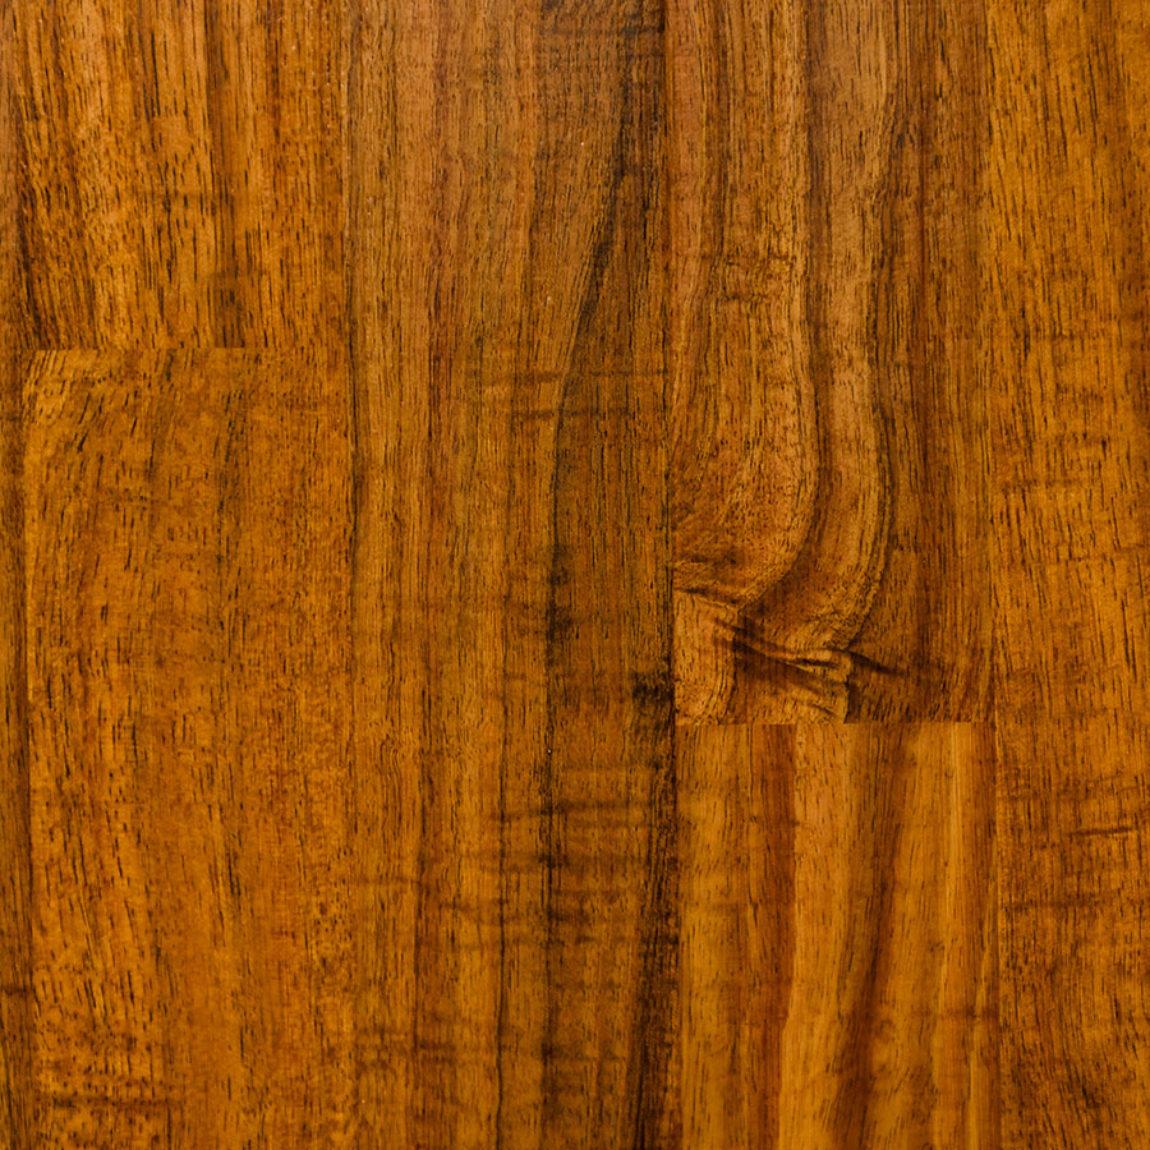 Hawaiian Koa Wood Flooring Flooring Ideas And Inspiration